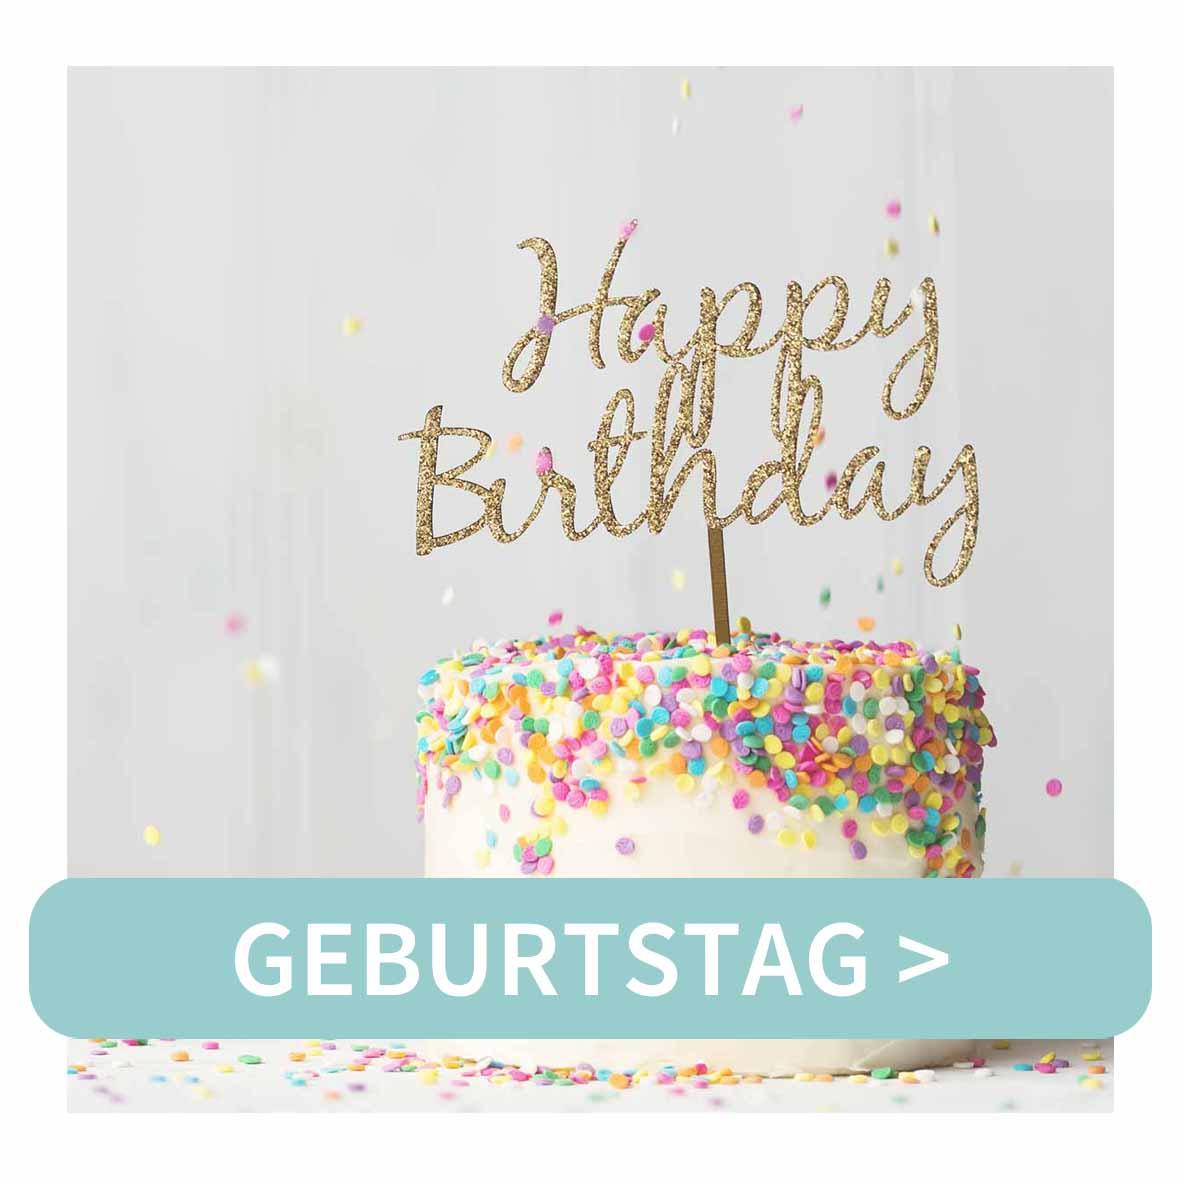 Blogbeiträge über Druckvorlagen für Geburtstag